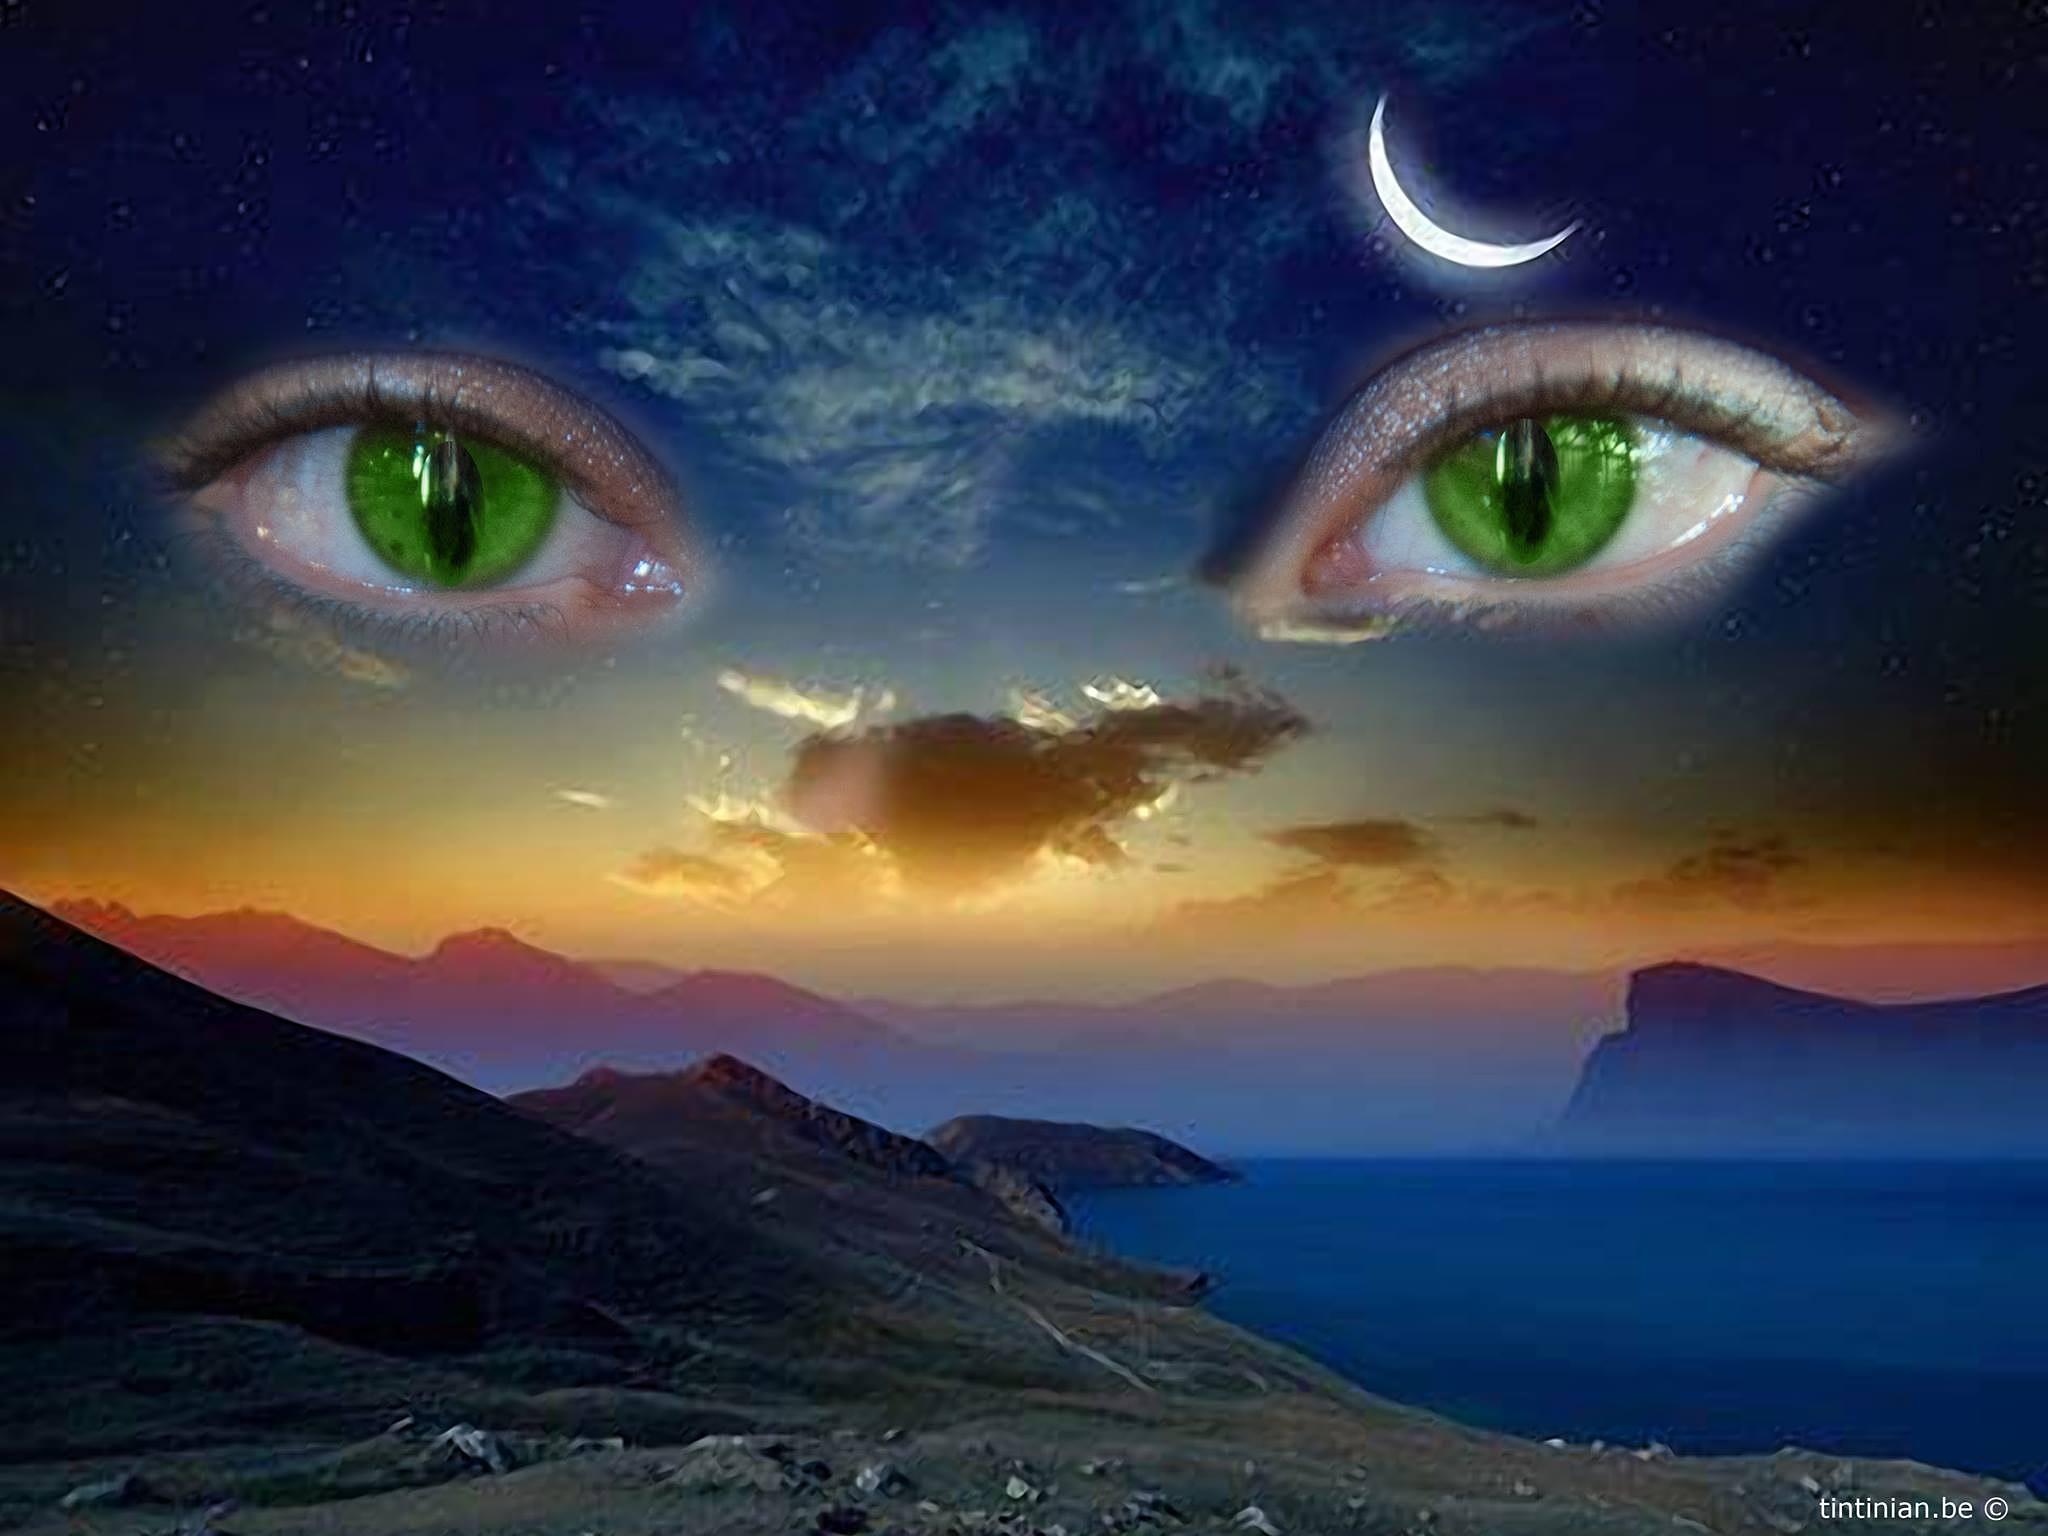 Eyes by Etienne de Maeyer